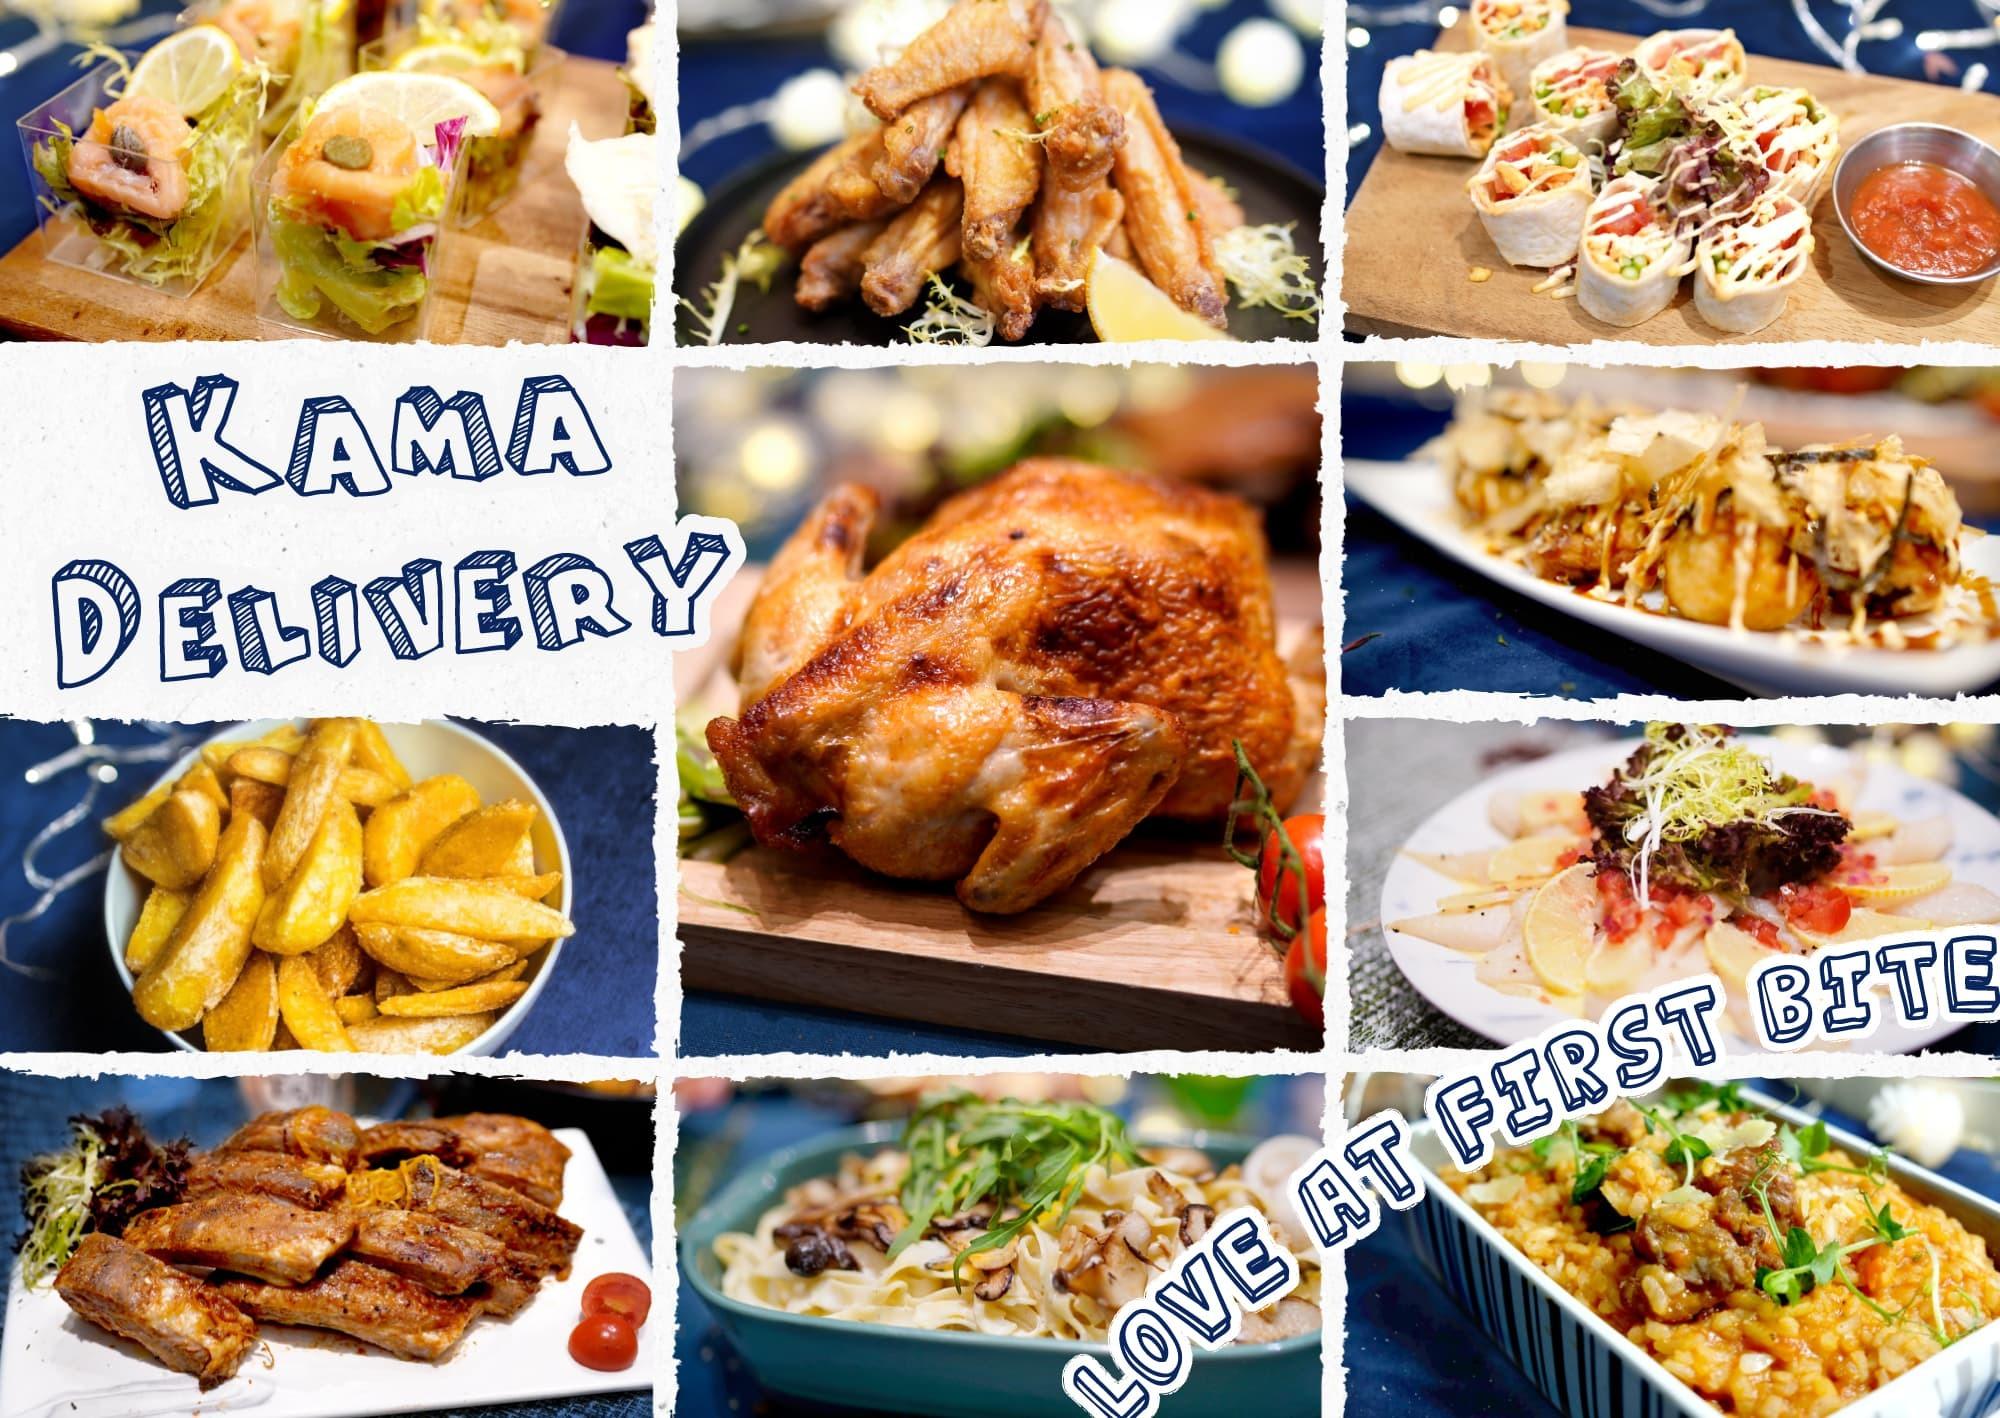 66人到會套餐.推介首選|Kama Delivery美食到會外賣服務提供多款到會套餐速遞外賣,我們亦可特地為企業或私人聚會度身訂造特定Menu,務求滿足各類聚會及派對的到會需求。歡迎WhatsApp聯絡我們查詢66人到會詳情,並專享各種優惠及回贈!